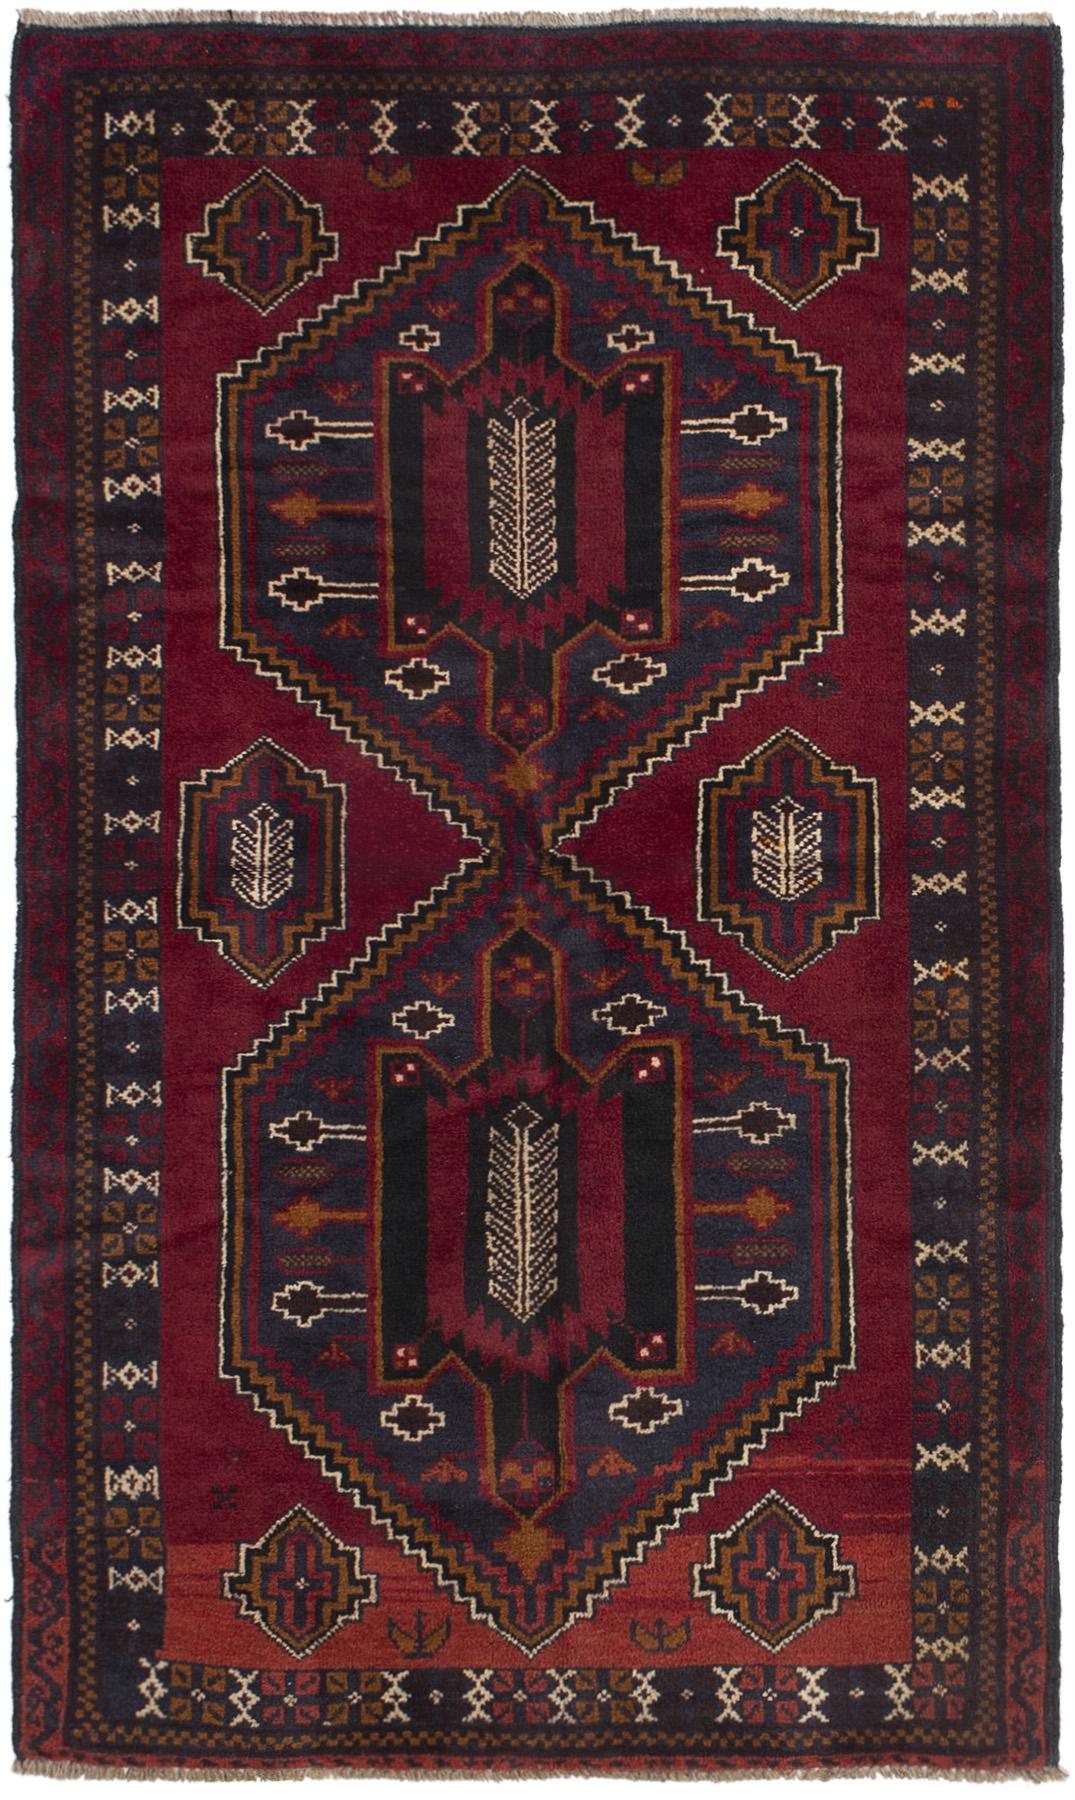 """Hand-knotted Kazak Dark Red Wool Rug 3'7"""" x 6'3""""  Size: 3'7"""" x 6'3"""""""